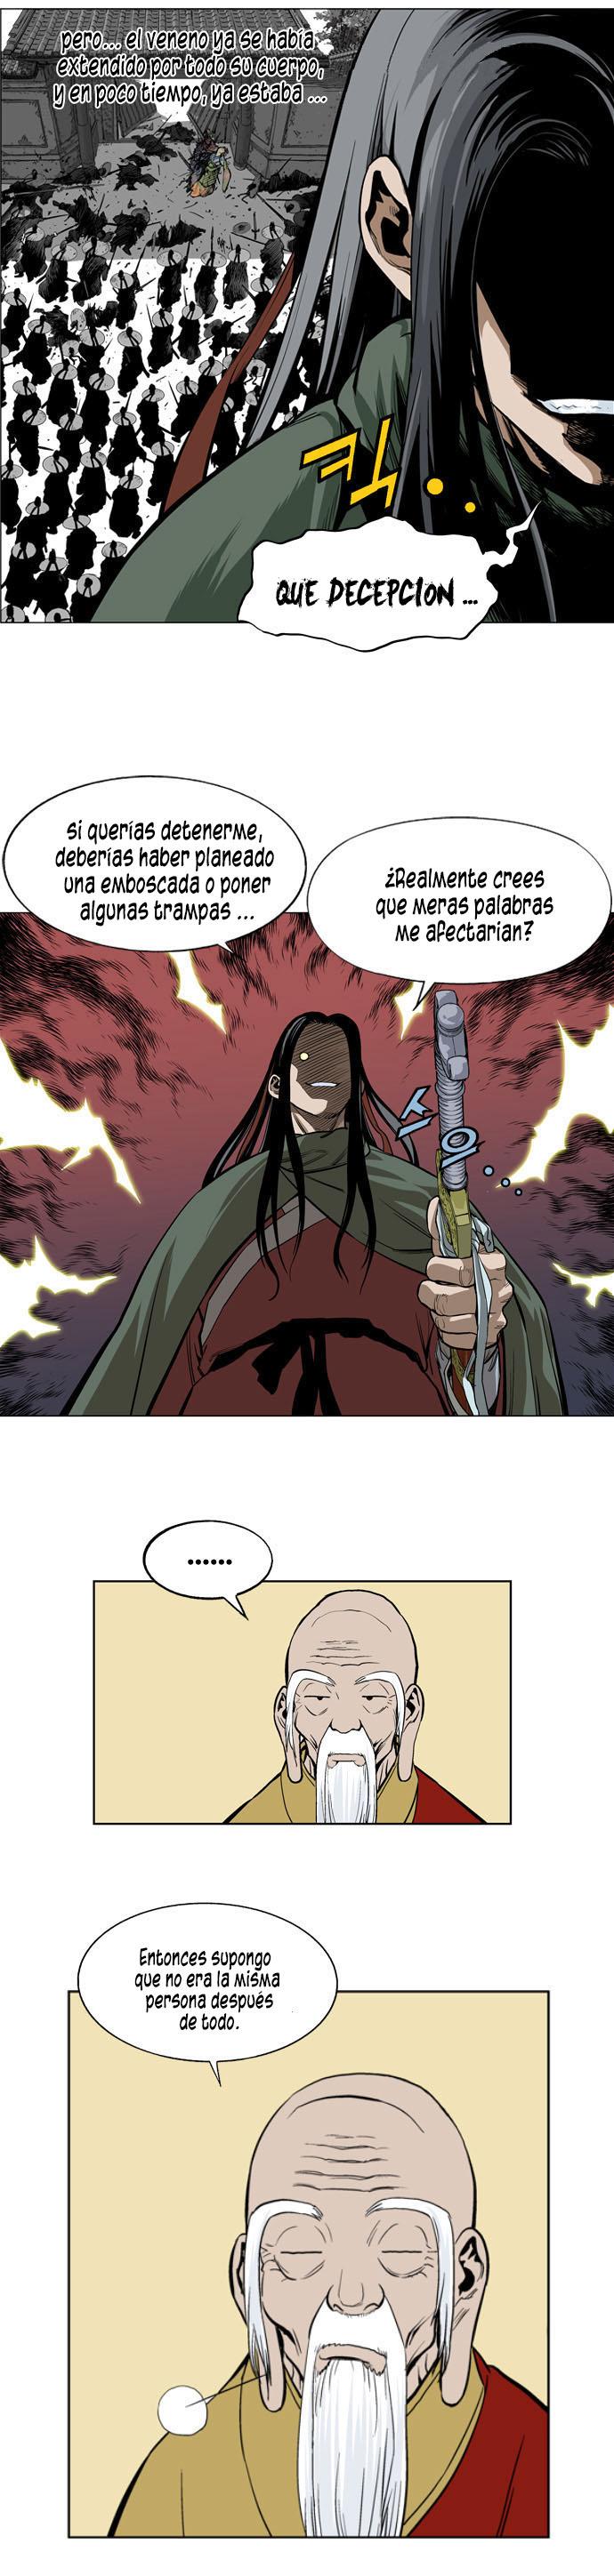 https://c5.ninemanga.com/es_manga/9/18249/449121/a85e8c31c51cc06e0b9abc2076abe38c.jpg Page 10